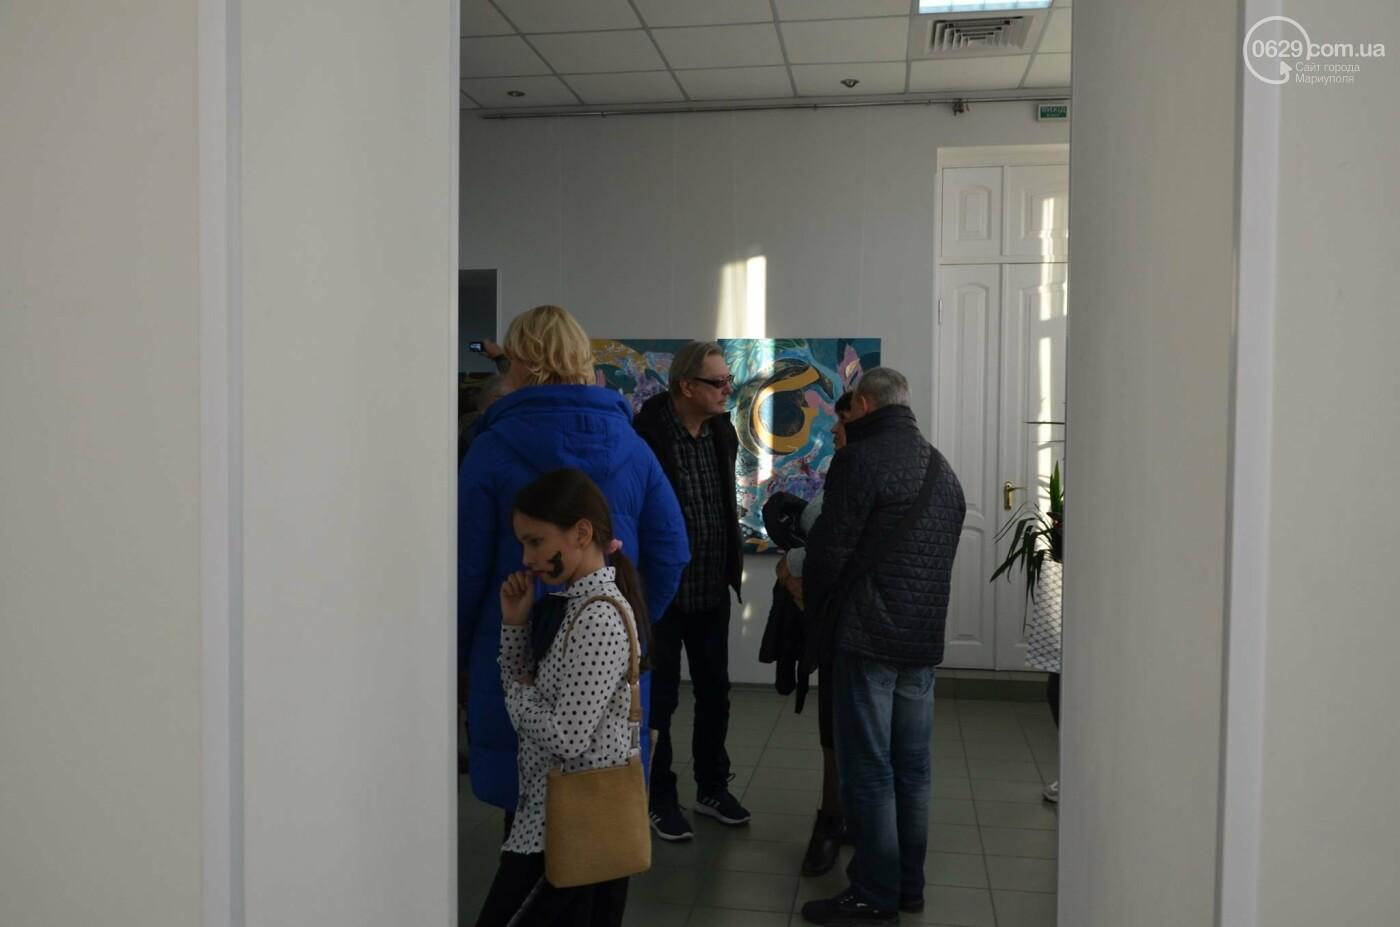 Золото на черном. Мариупольская  художница  Оксана Гнатышин  представила картины в авангардном стиле,-   ФОТО, фото-8